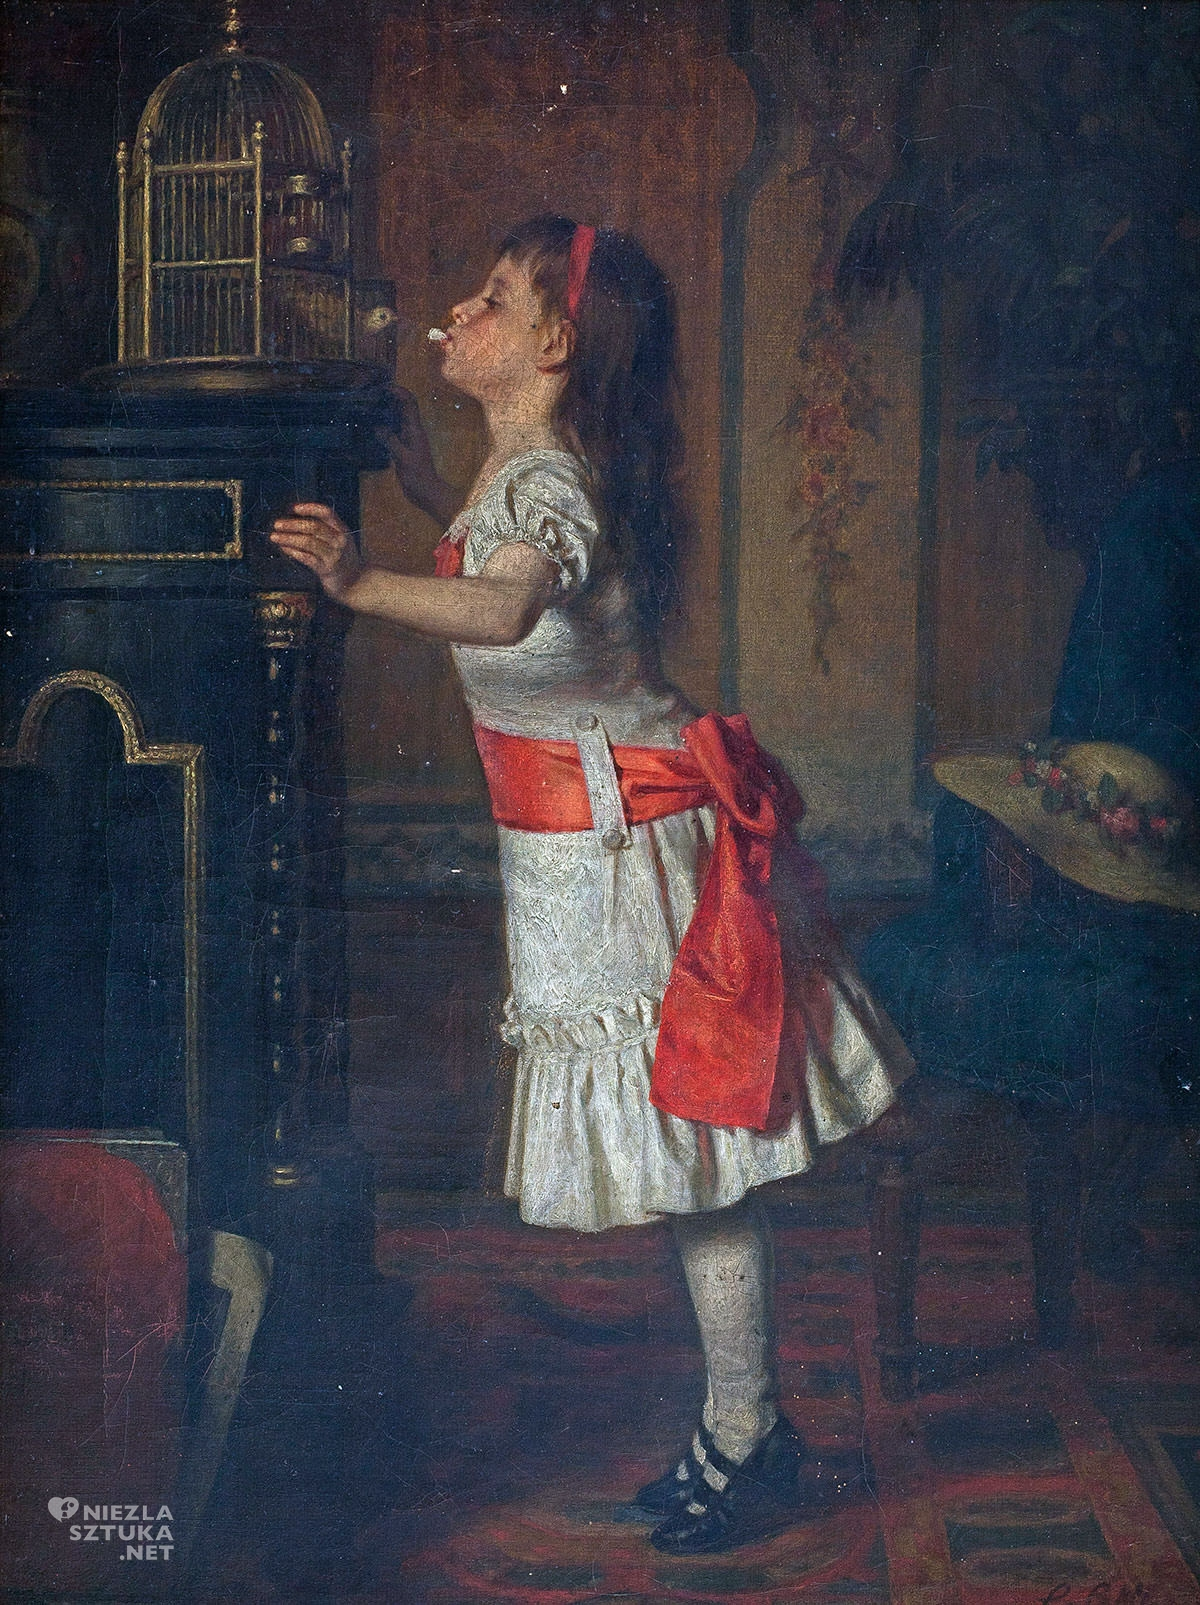 Leopold Löffler, Dziewczynka z kanarkiem, Niezła Sztuka